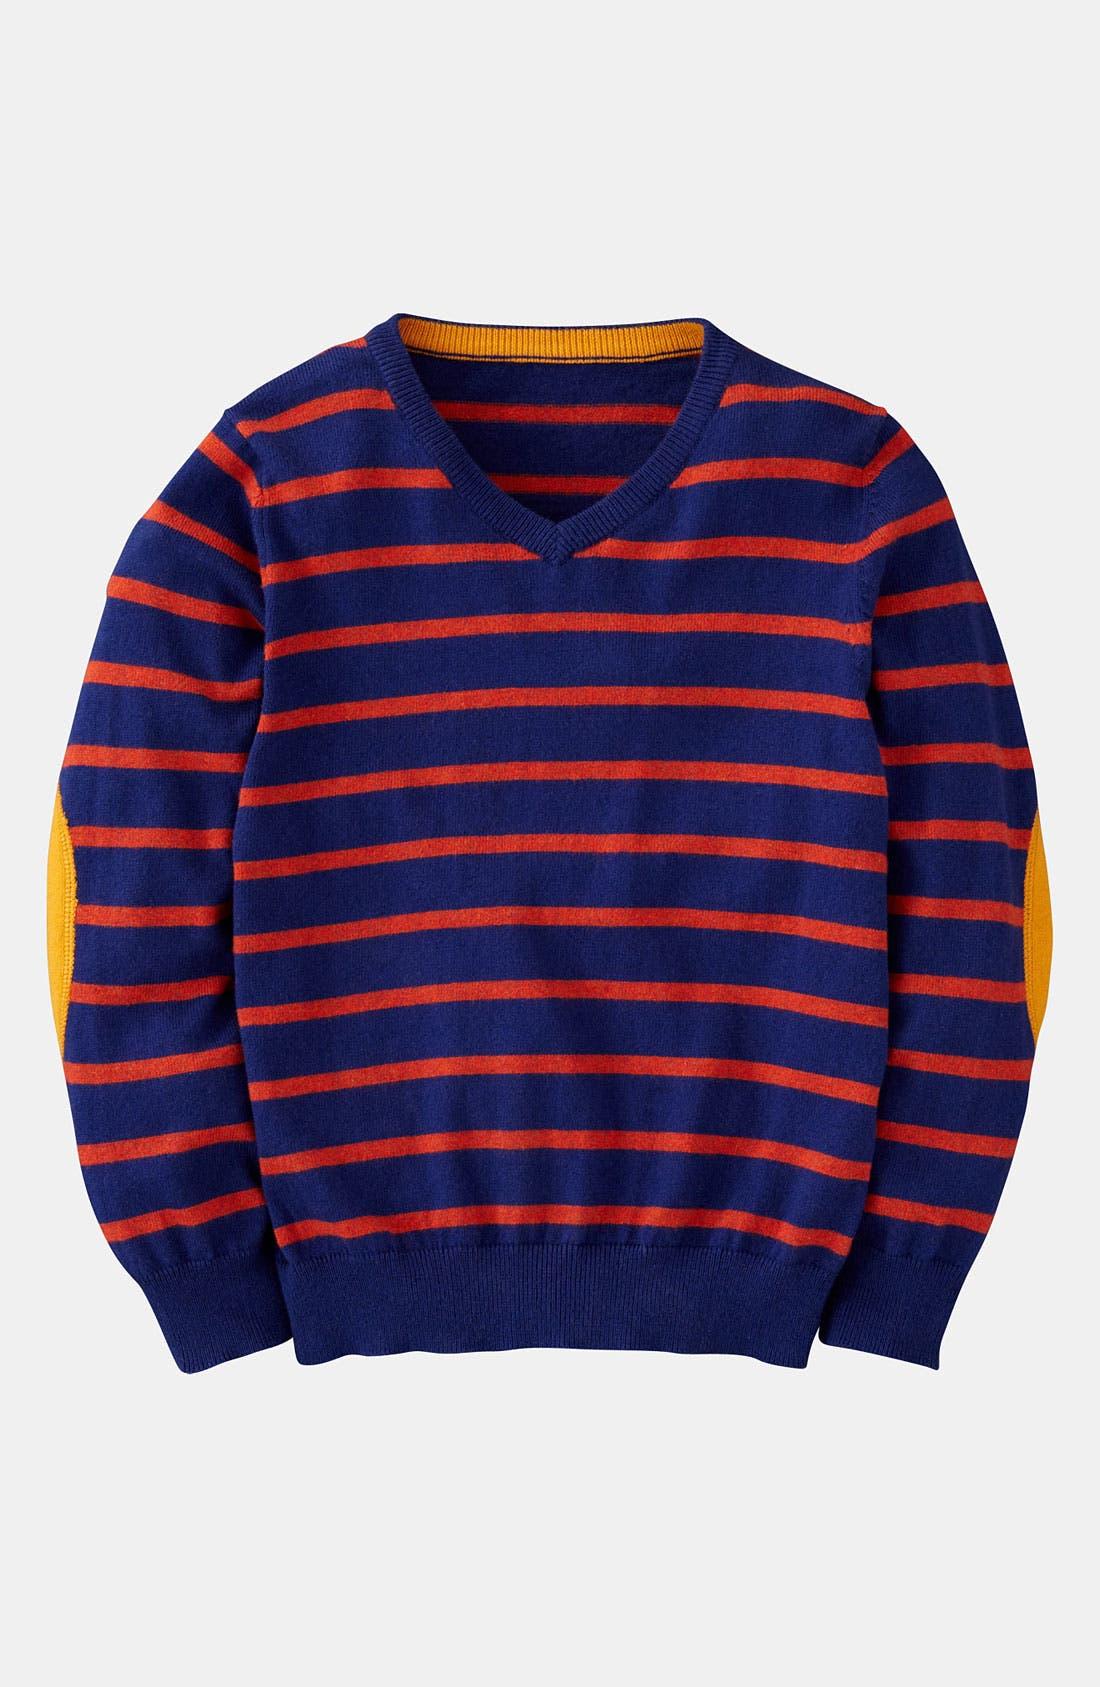 Alternate Image 1 Selected - Mini Boden V-Neck Sweater (Little Boys & Big Boys)